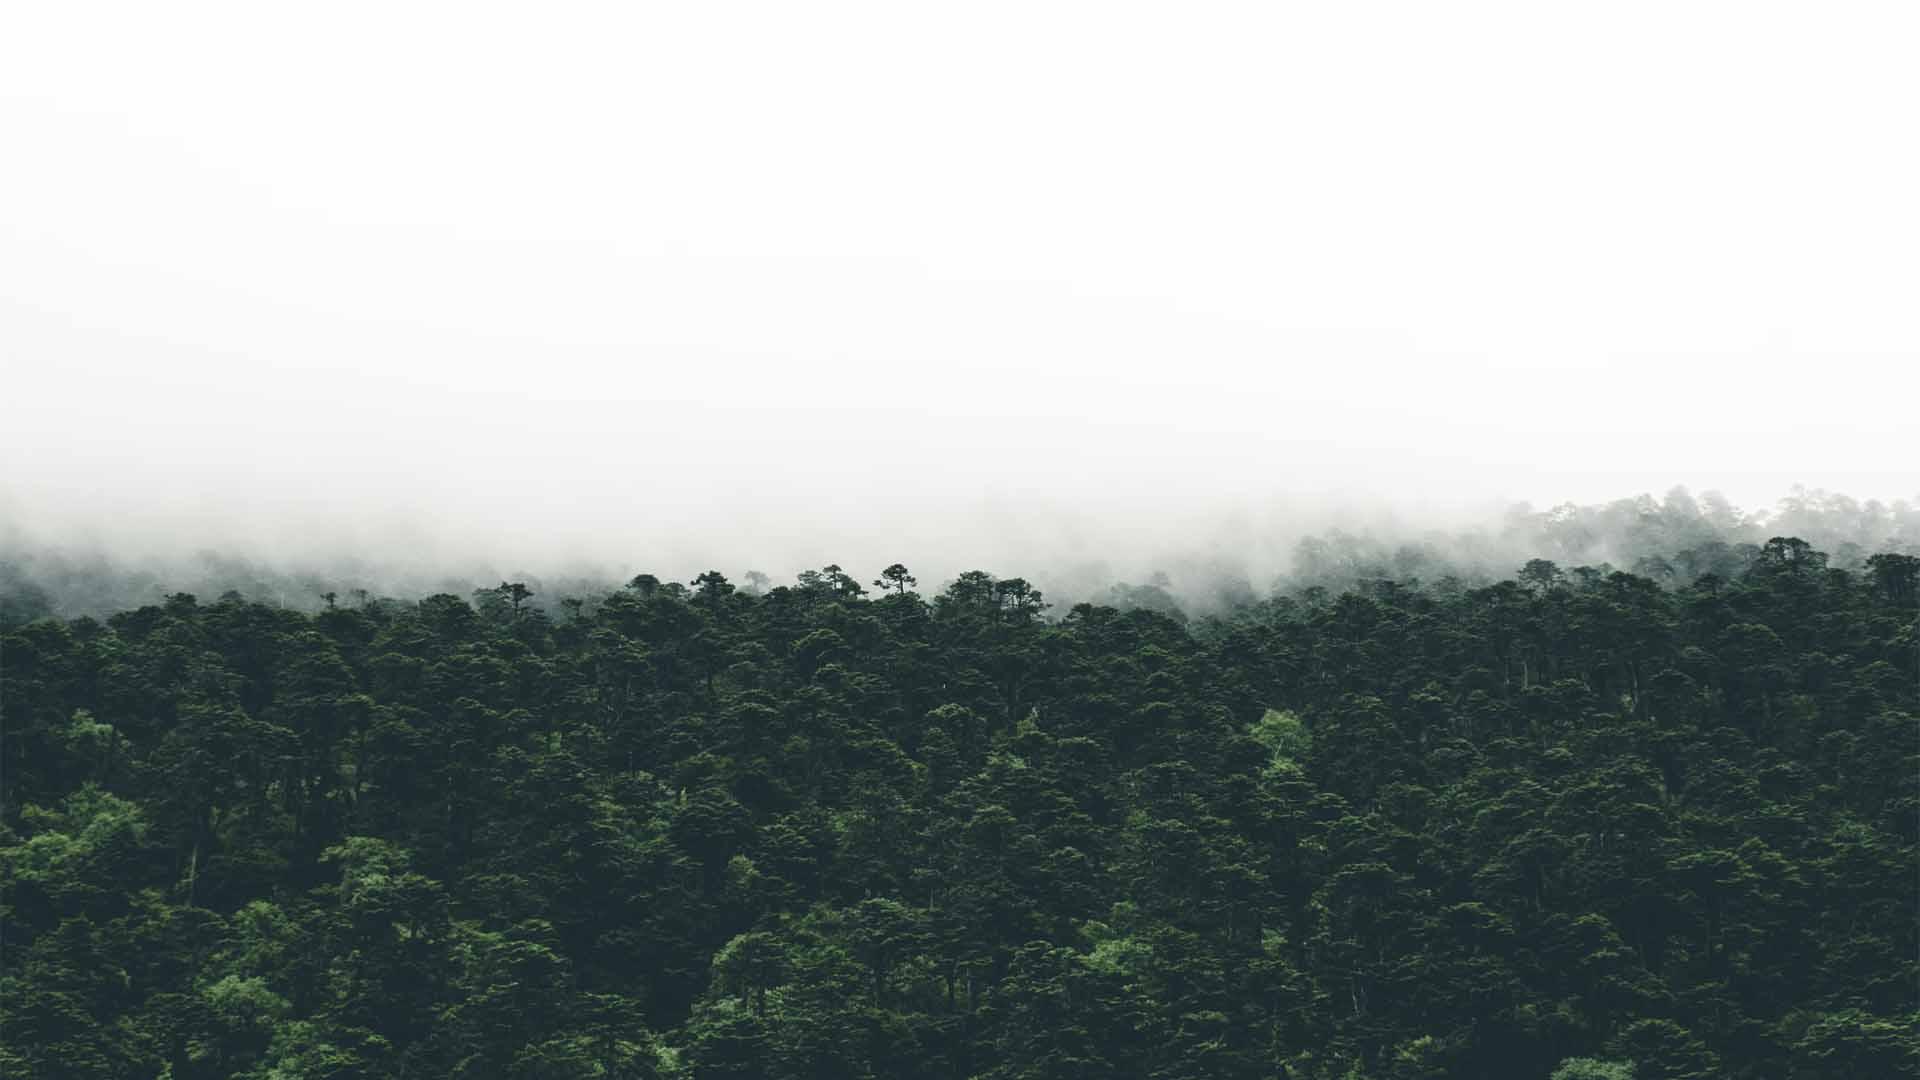 empreinte carbone bilan calcul définition foret environnement